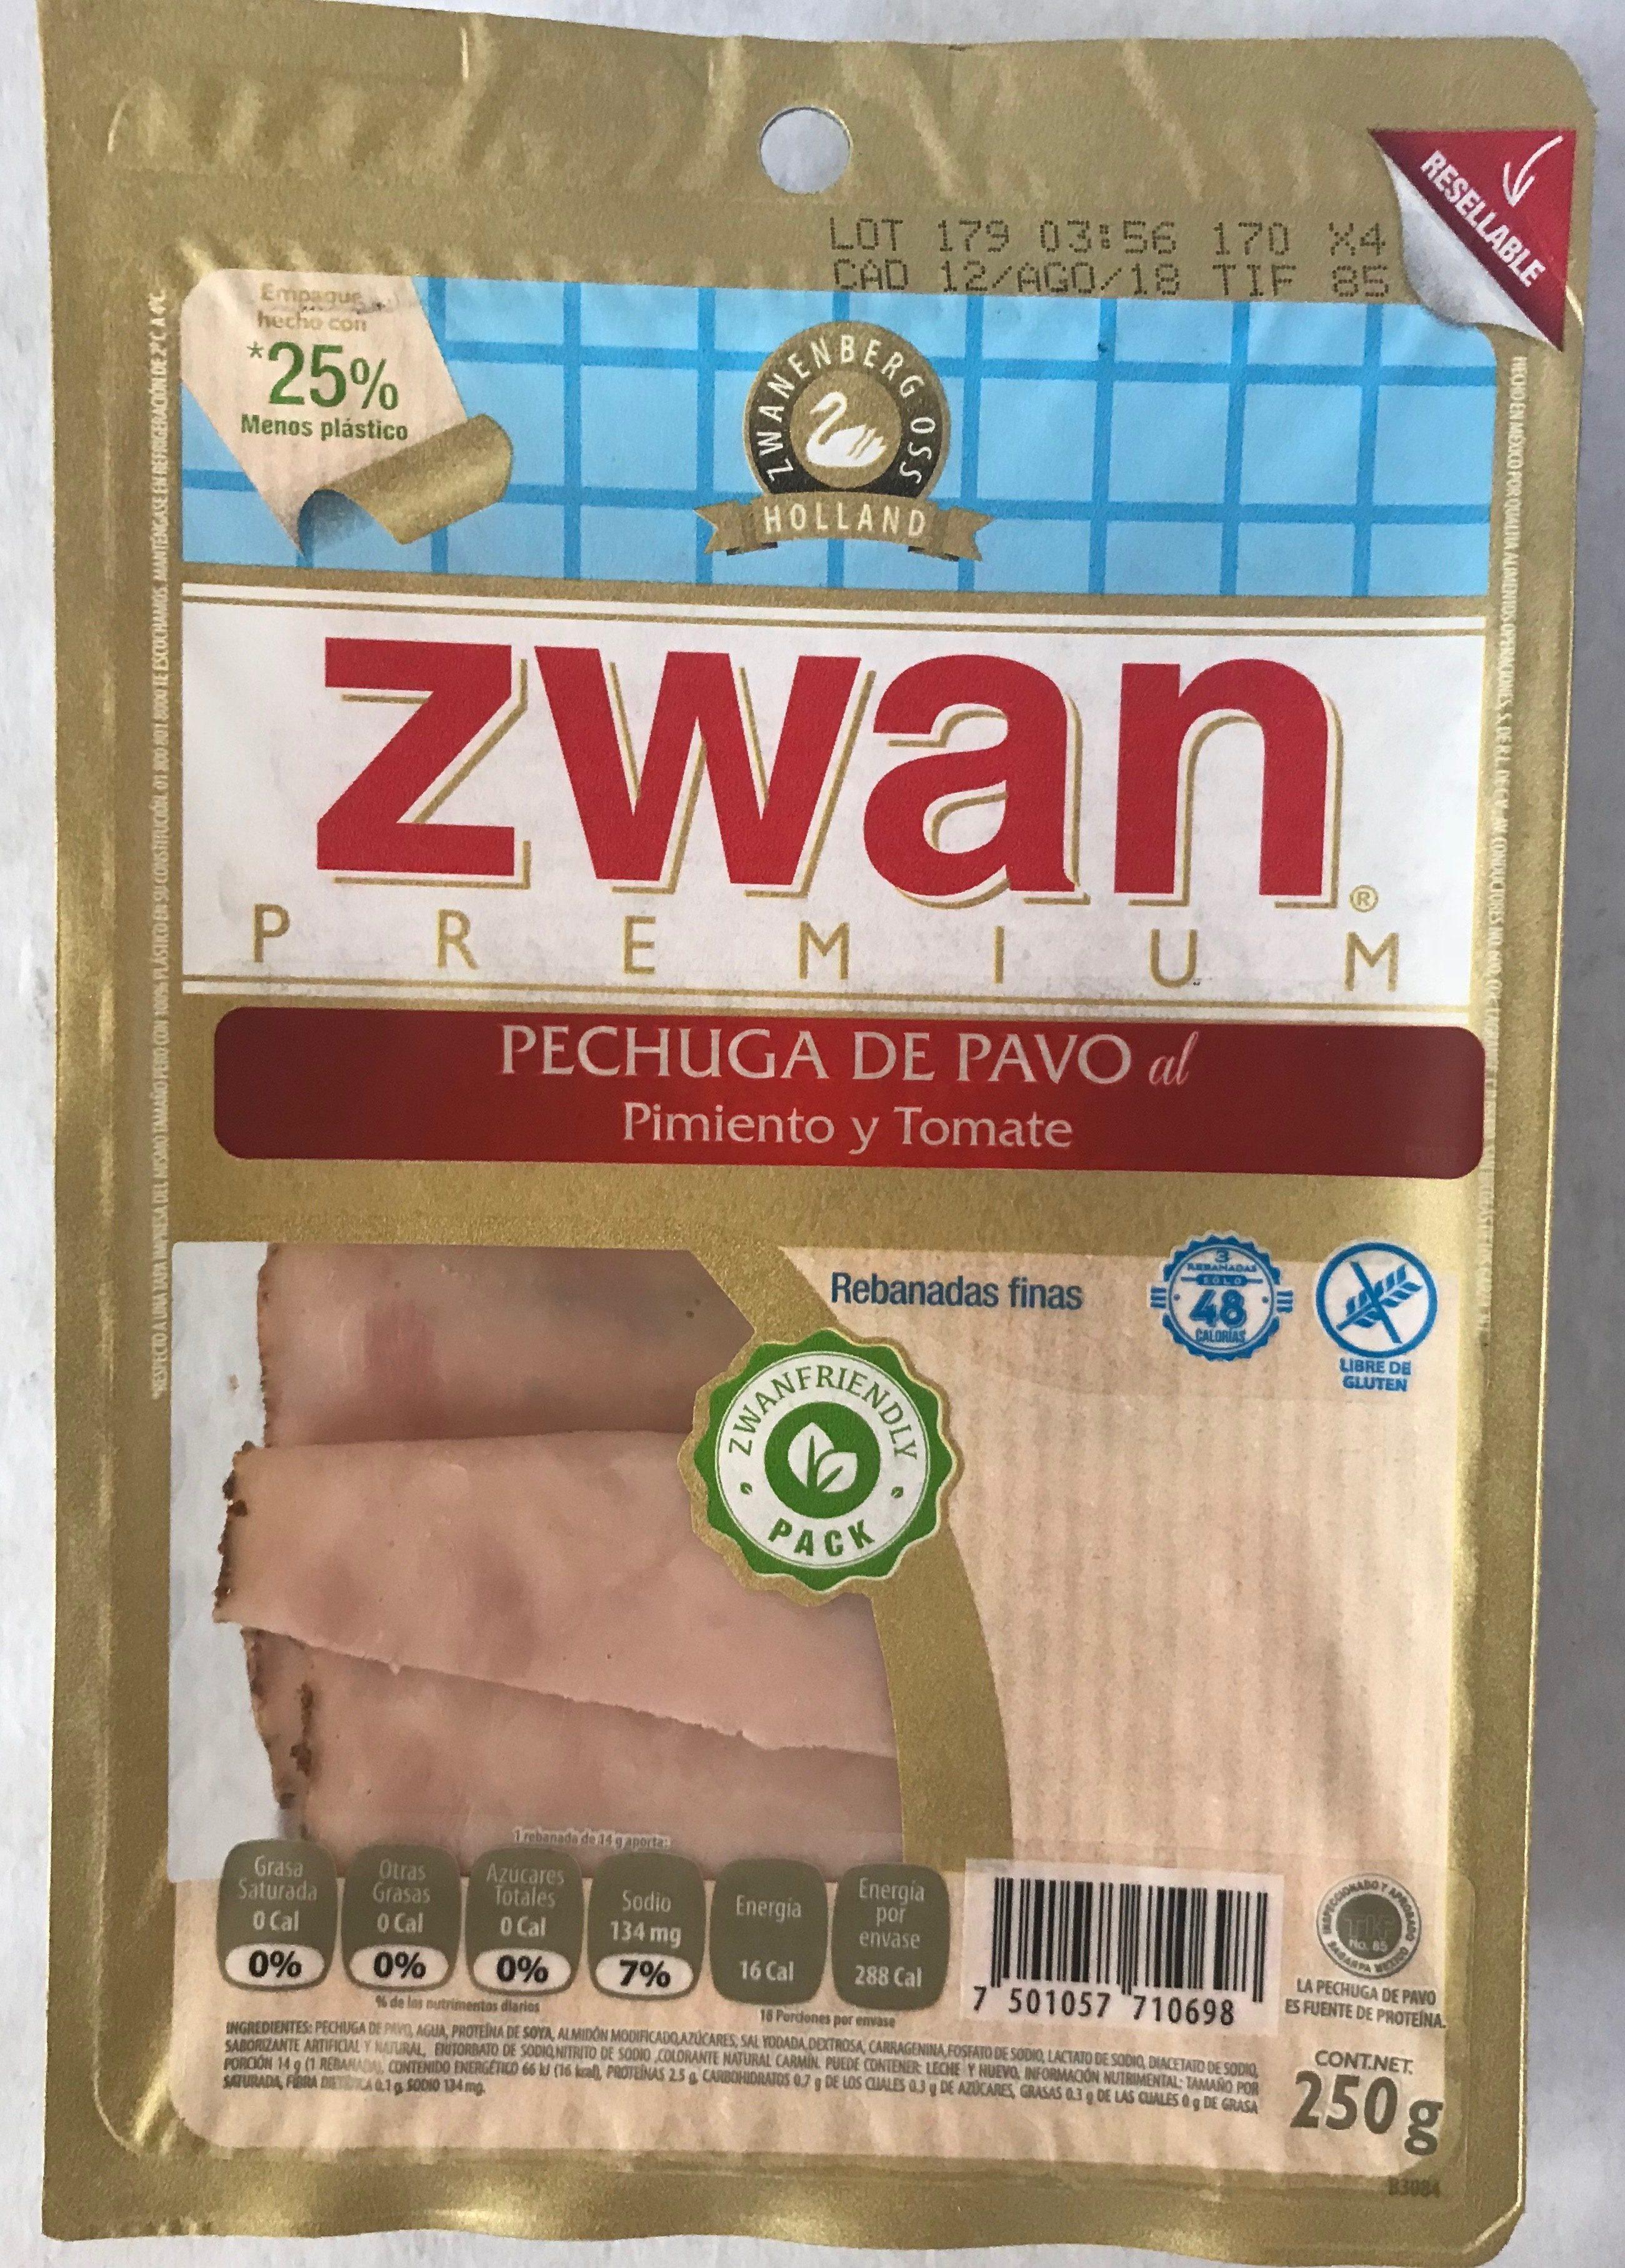 Pechuga de pavo al pimiento y tomate Zwan - Product